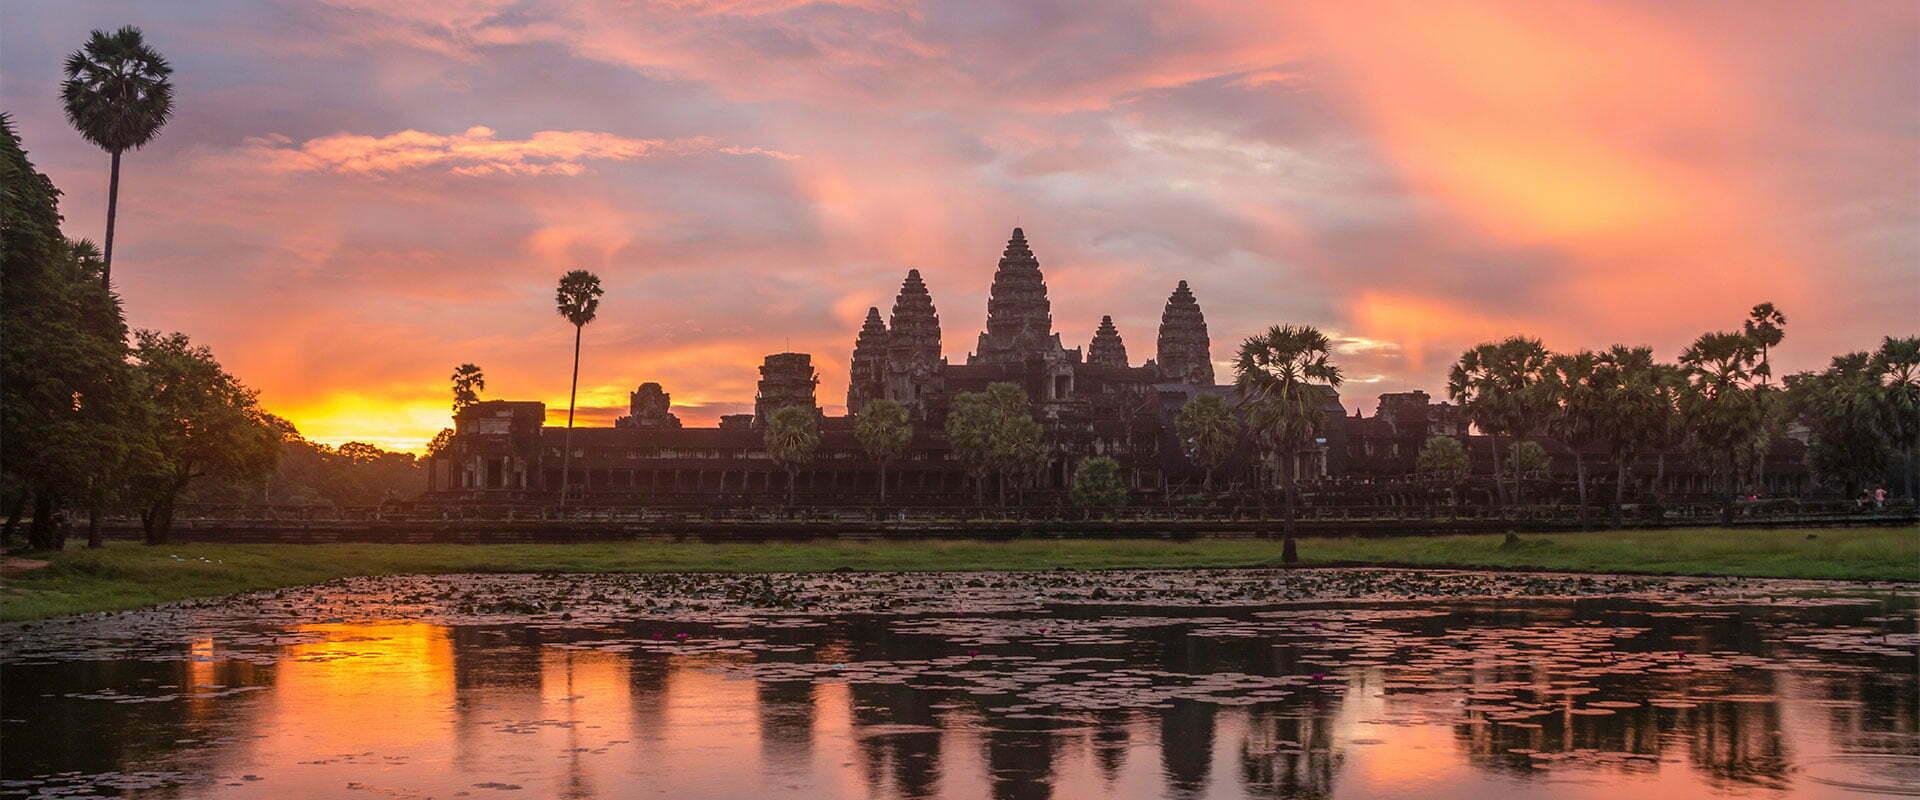 Des Tribus du Haut Tonkin aux Temples d'Angkor 19 jours